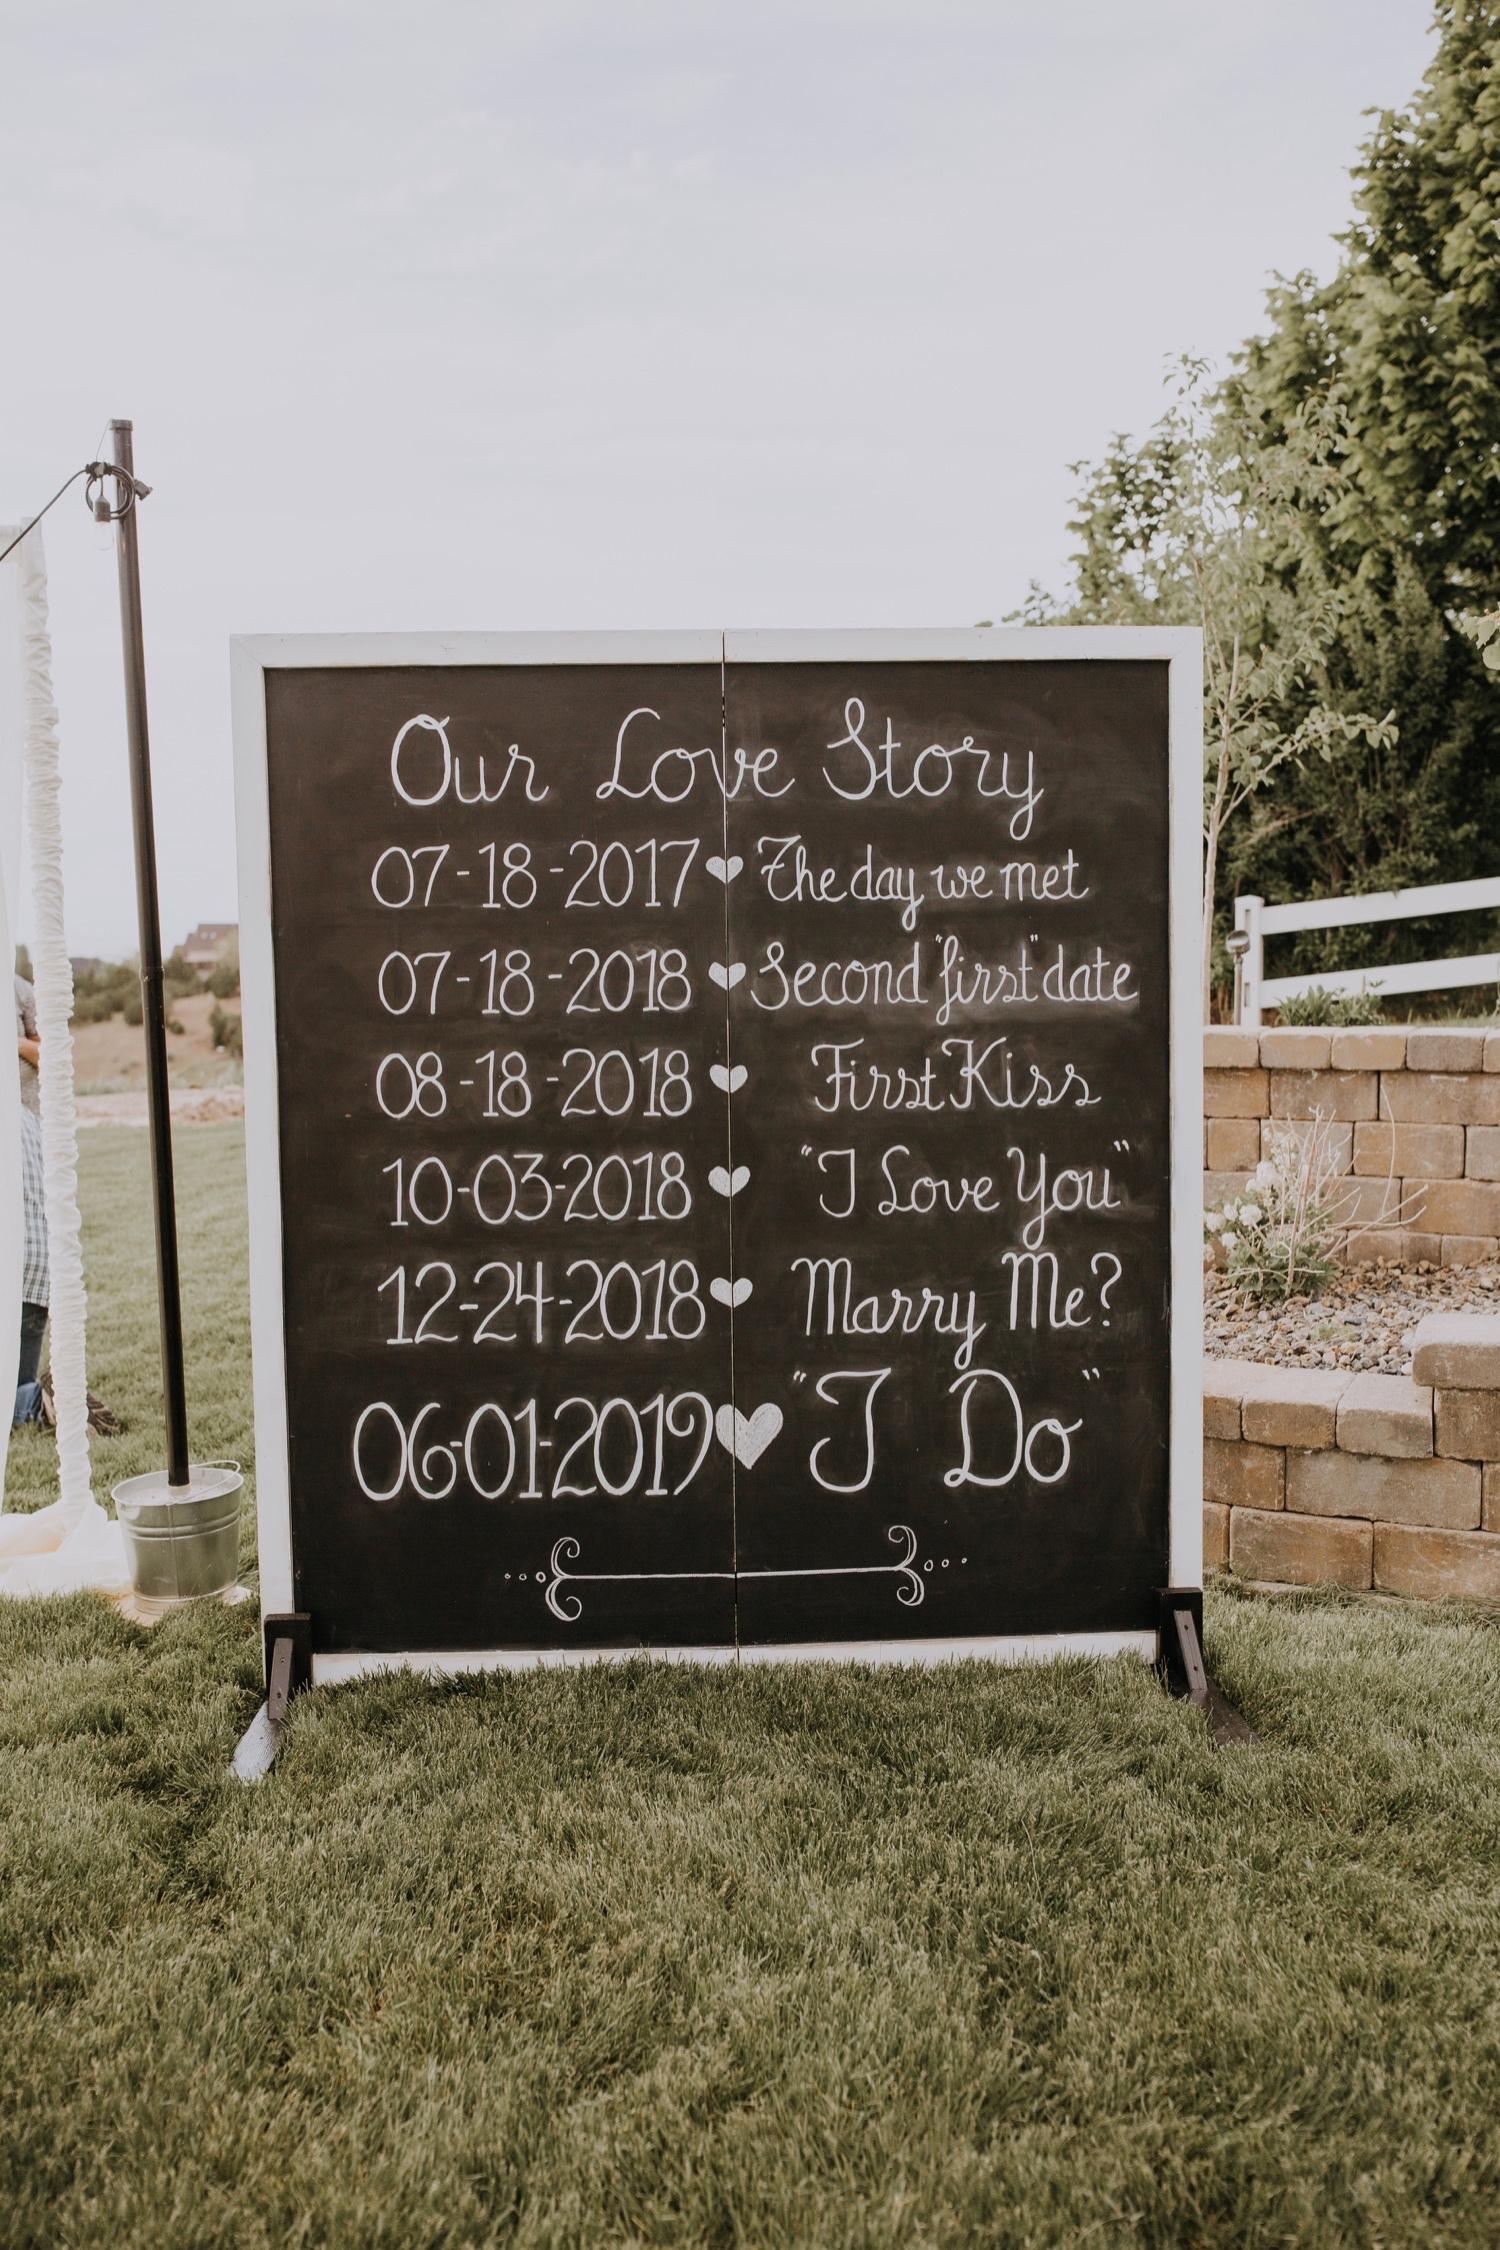 35_pocatello-wedding-Photographer-669.jpg